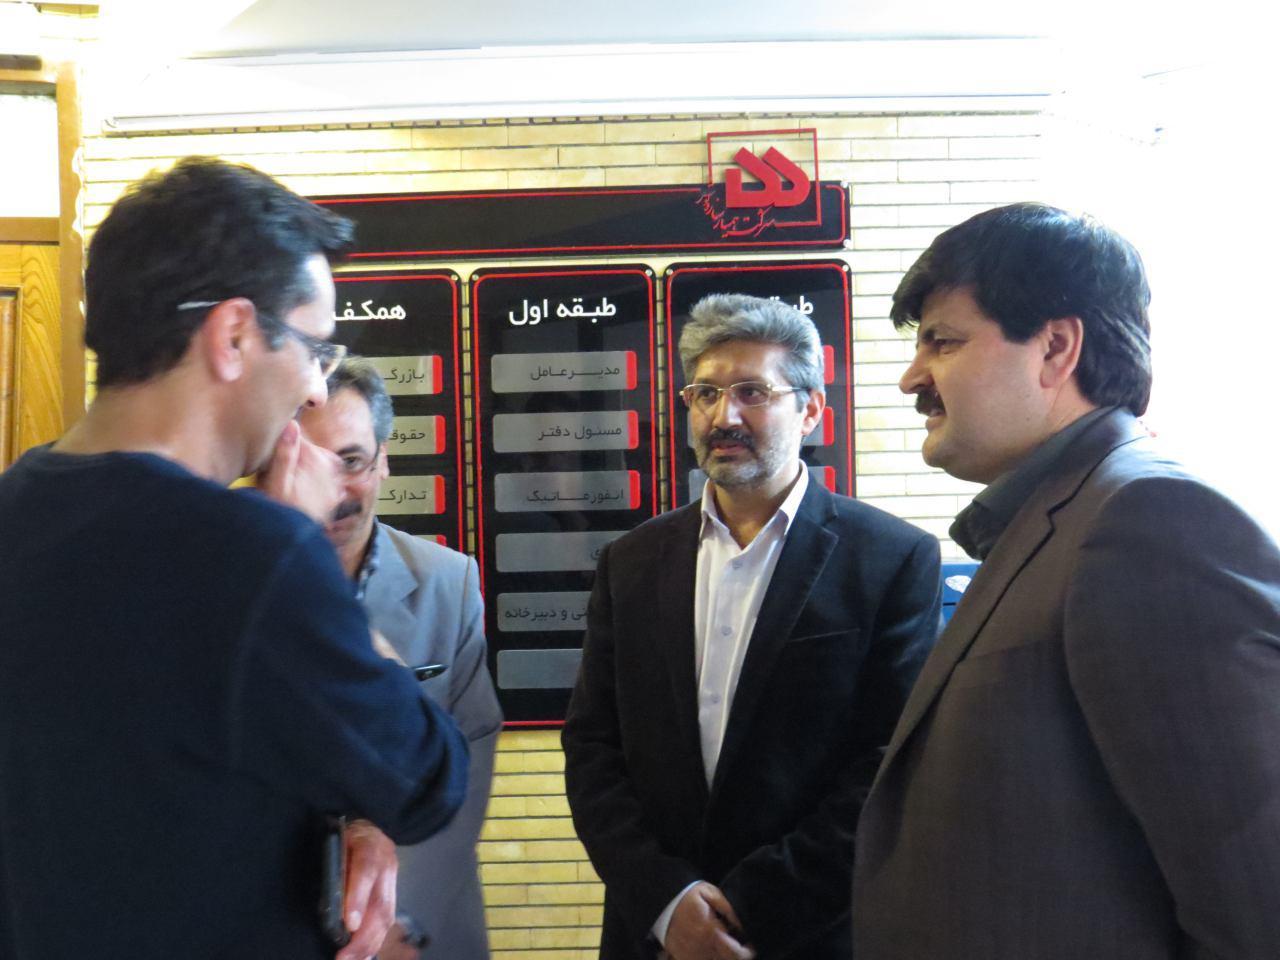 سازمان همیاری شهرداری مشهد